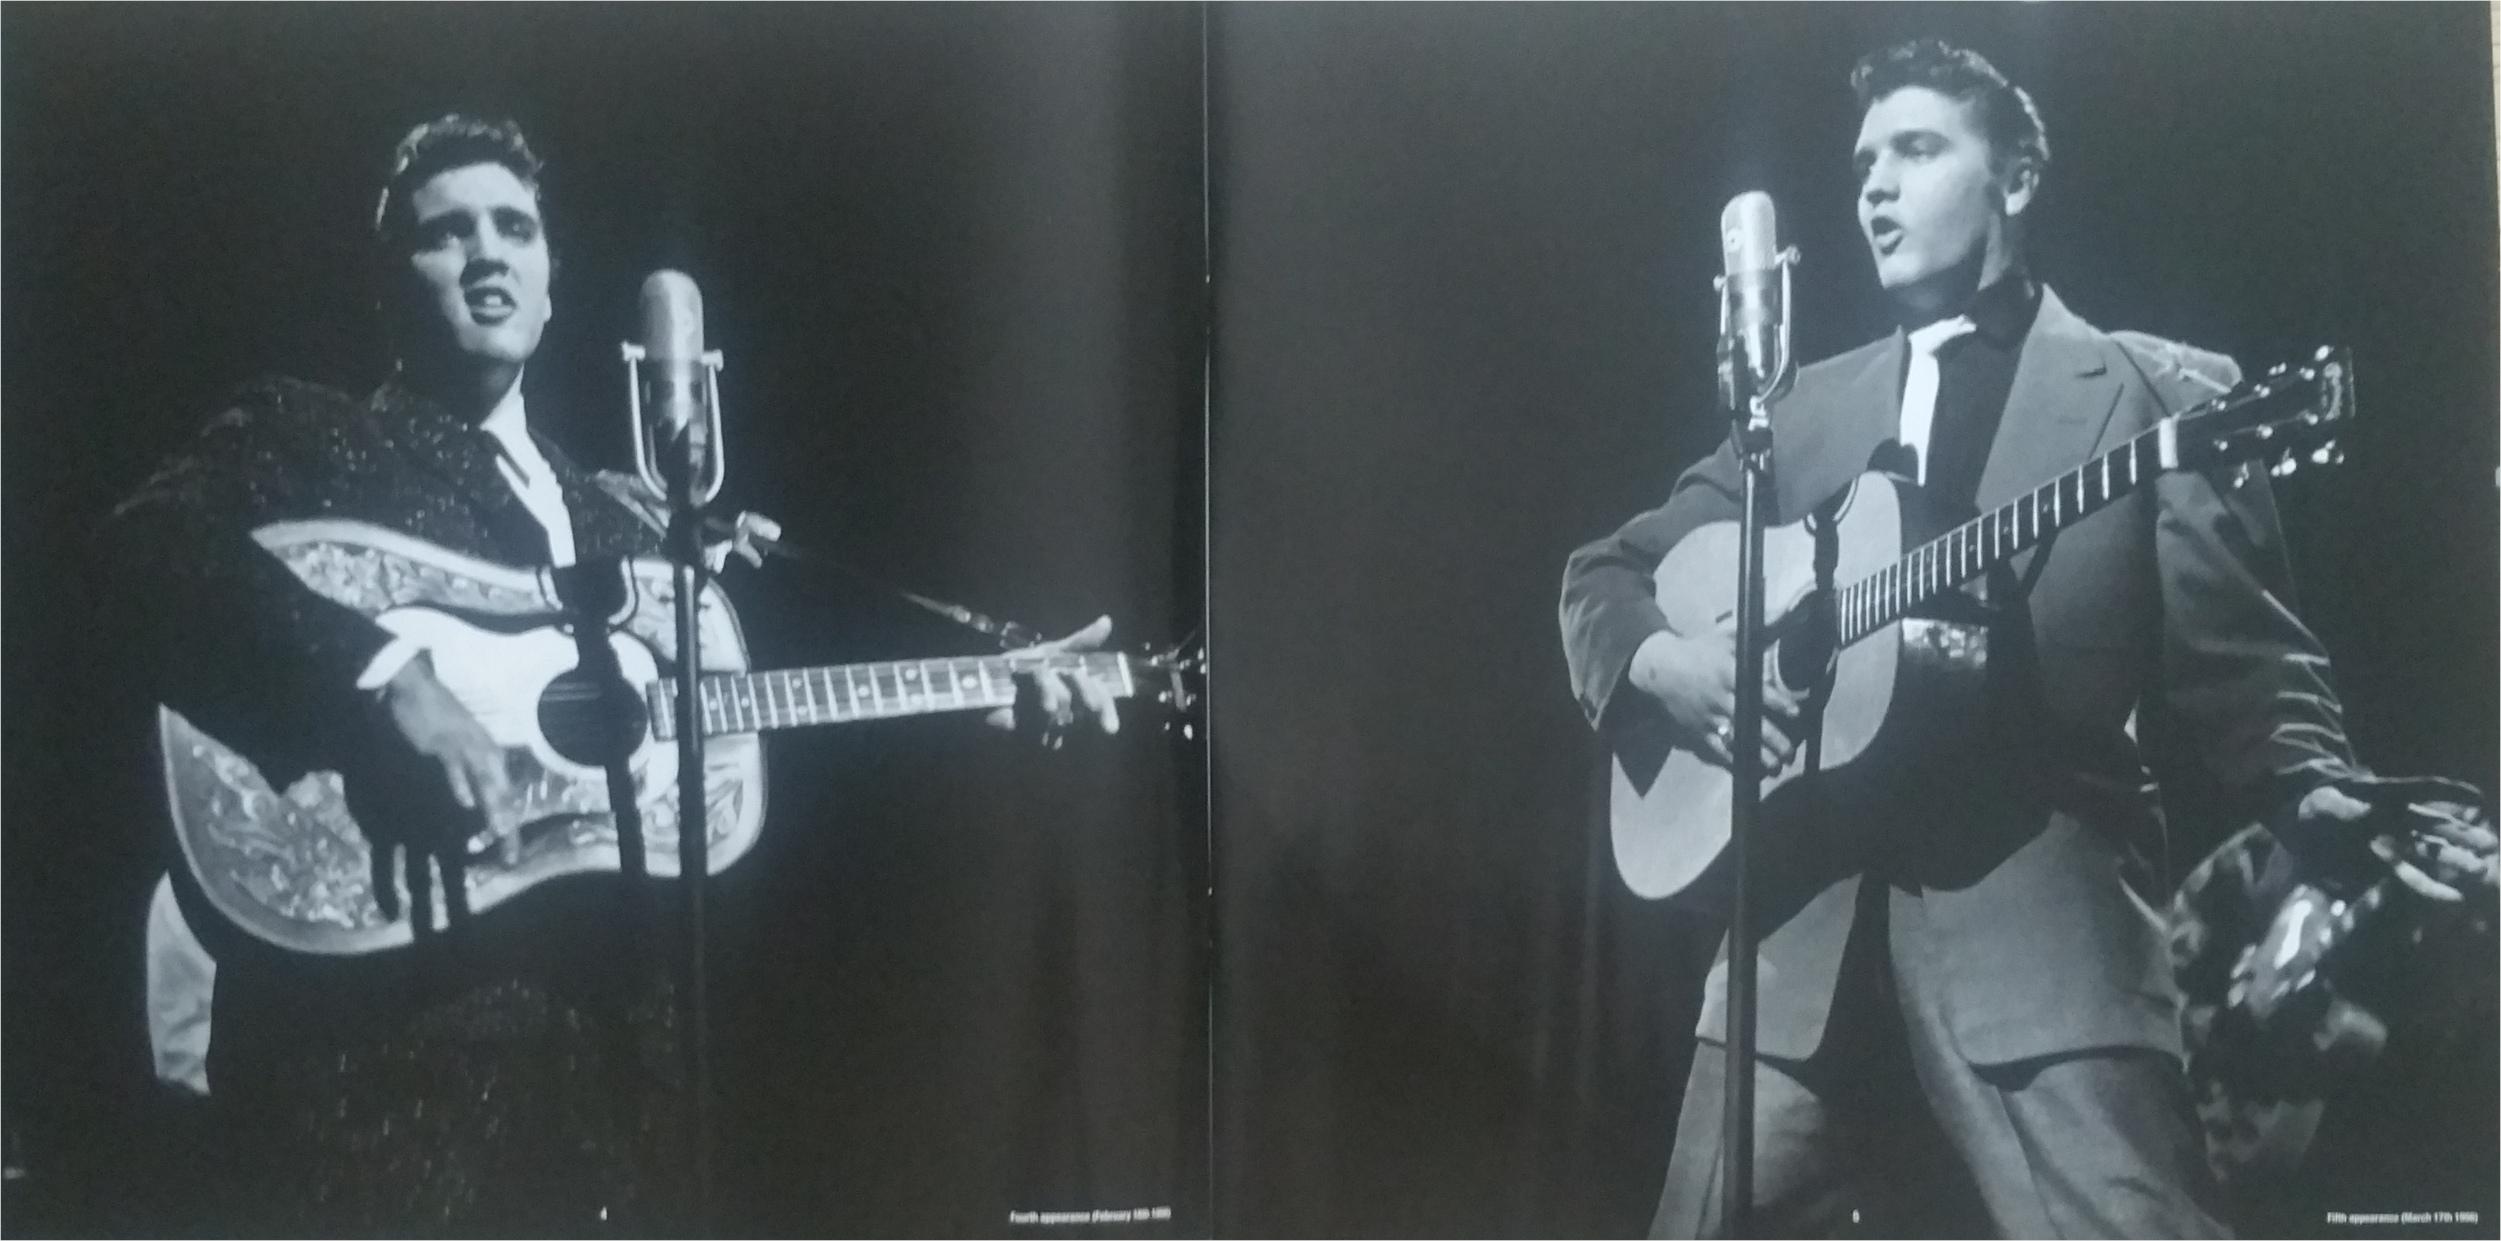 ELVIS ON TELEVISION 1956 - 60 Elvisontv7n8jml